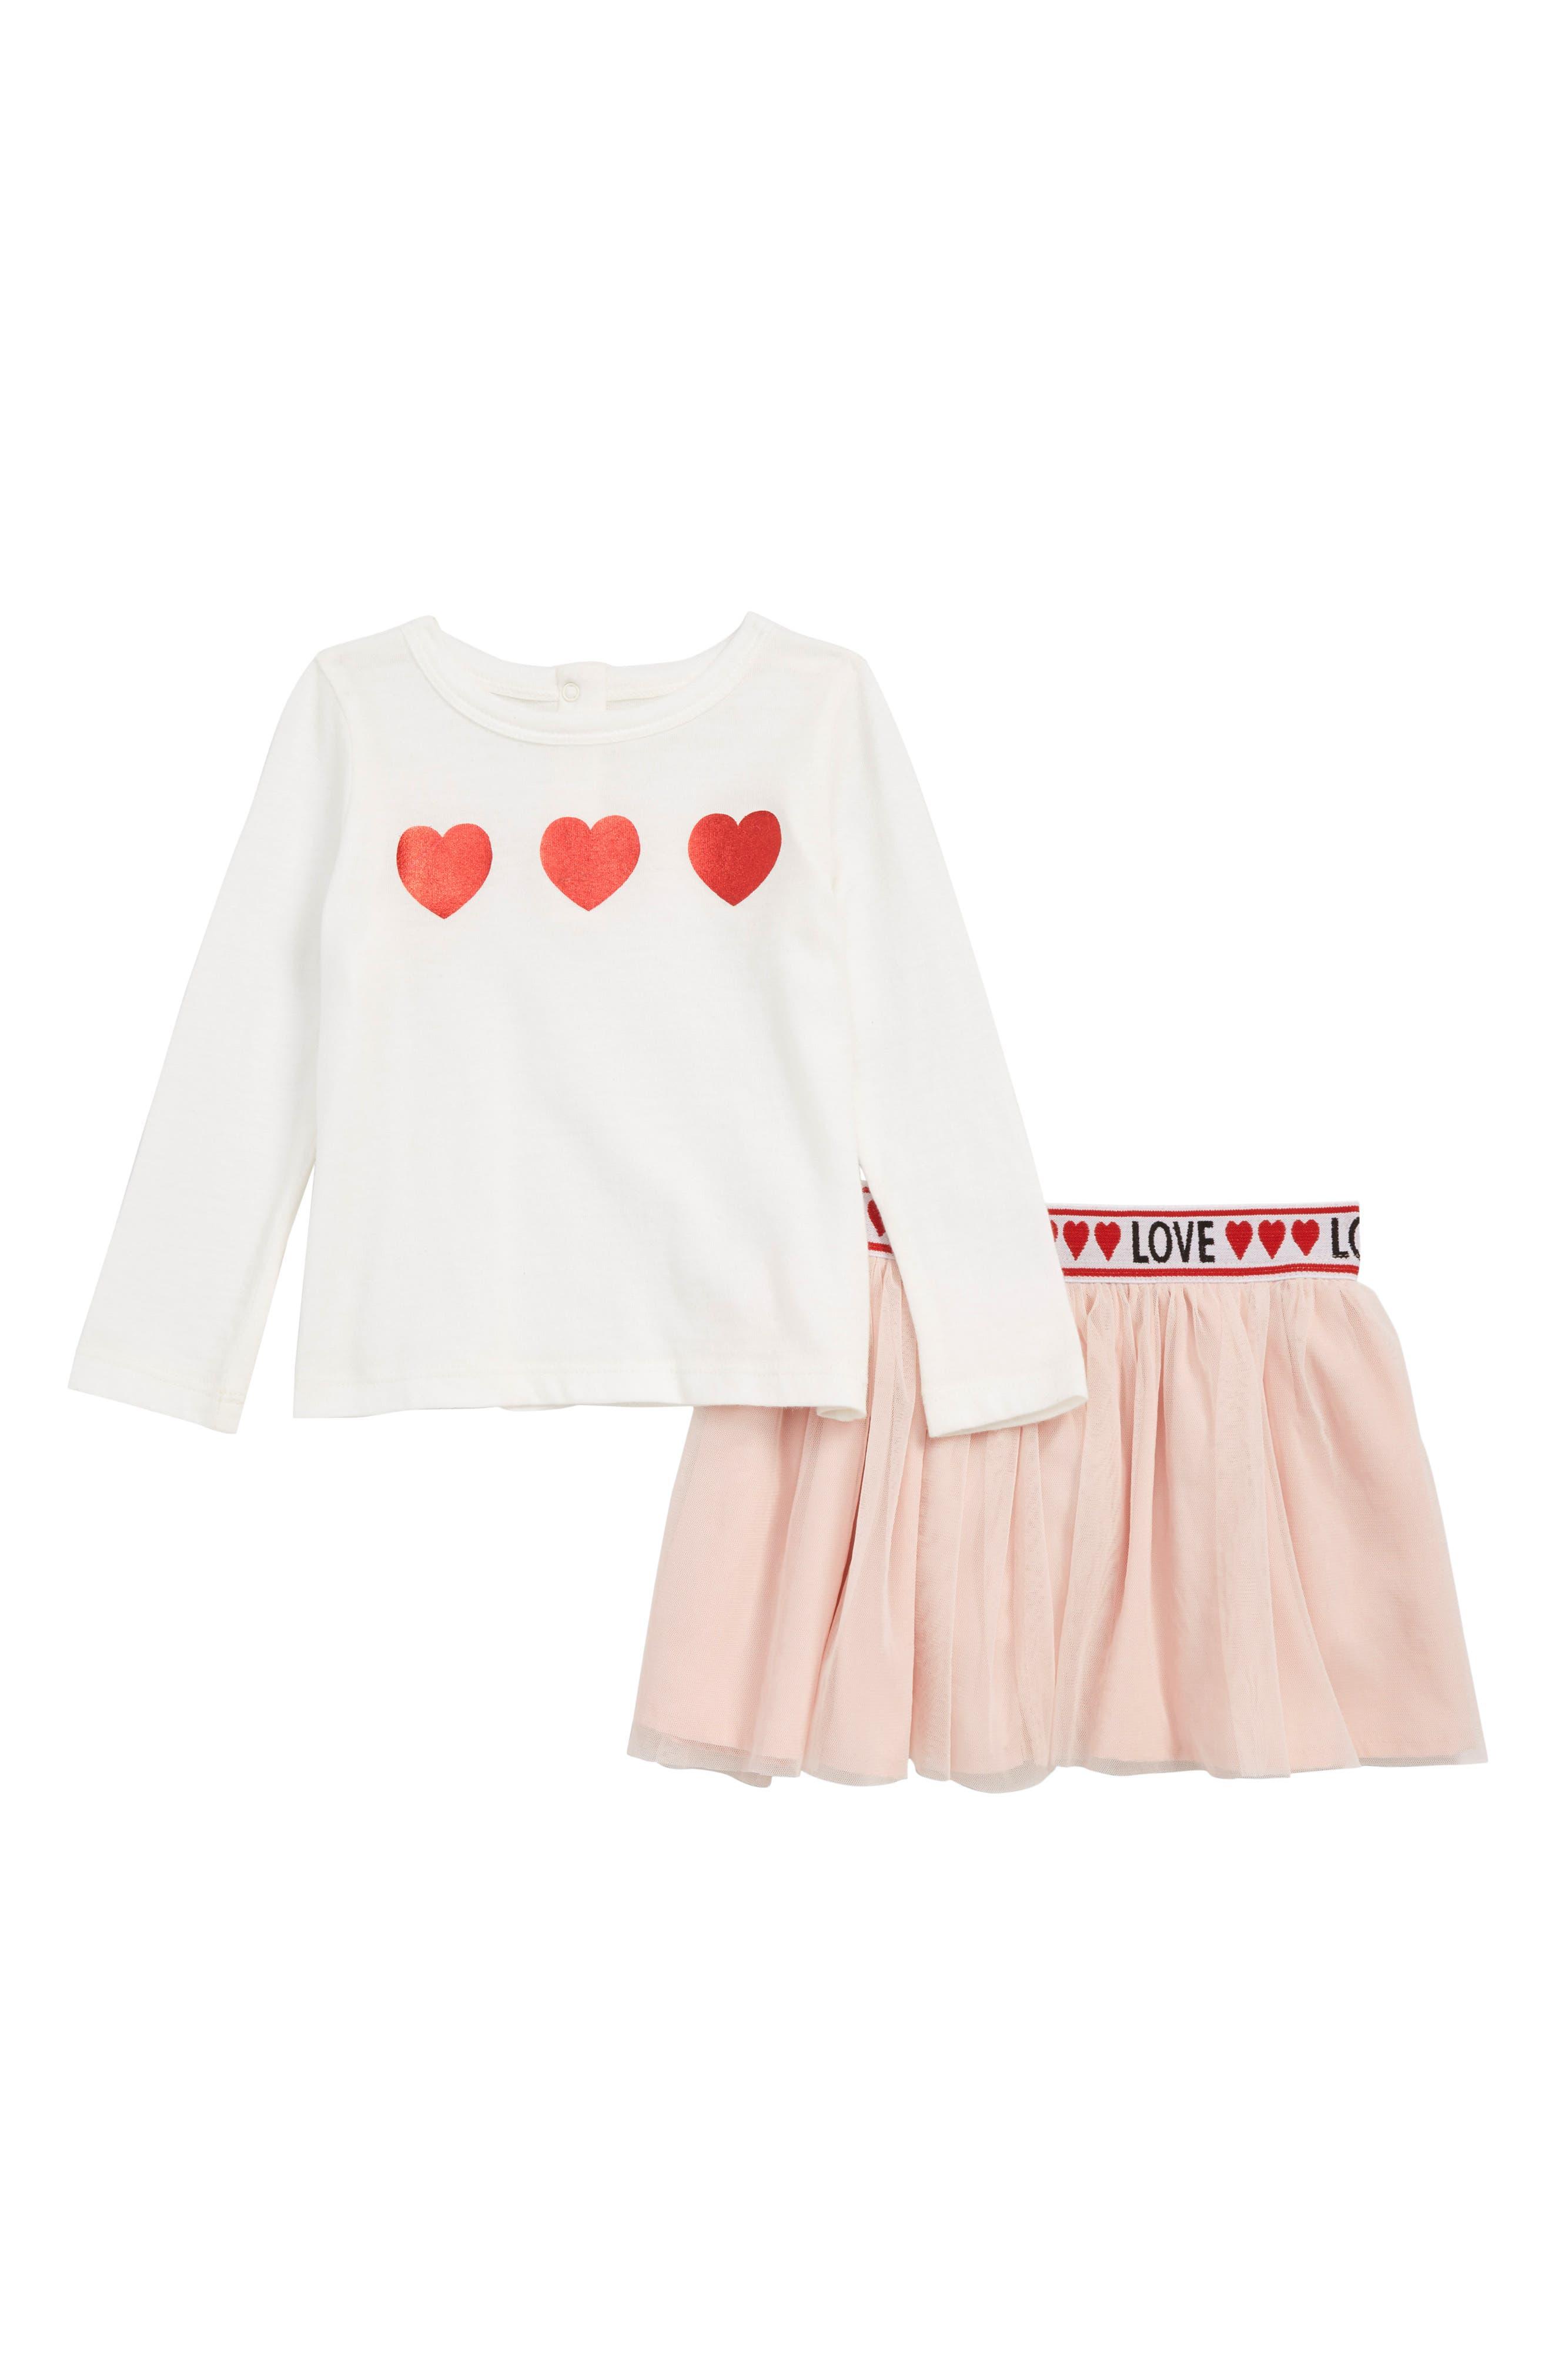 TUCKER + TATE Glitter Heart T-Shirt & Tulle Skirt Set, Main, color, 900